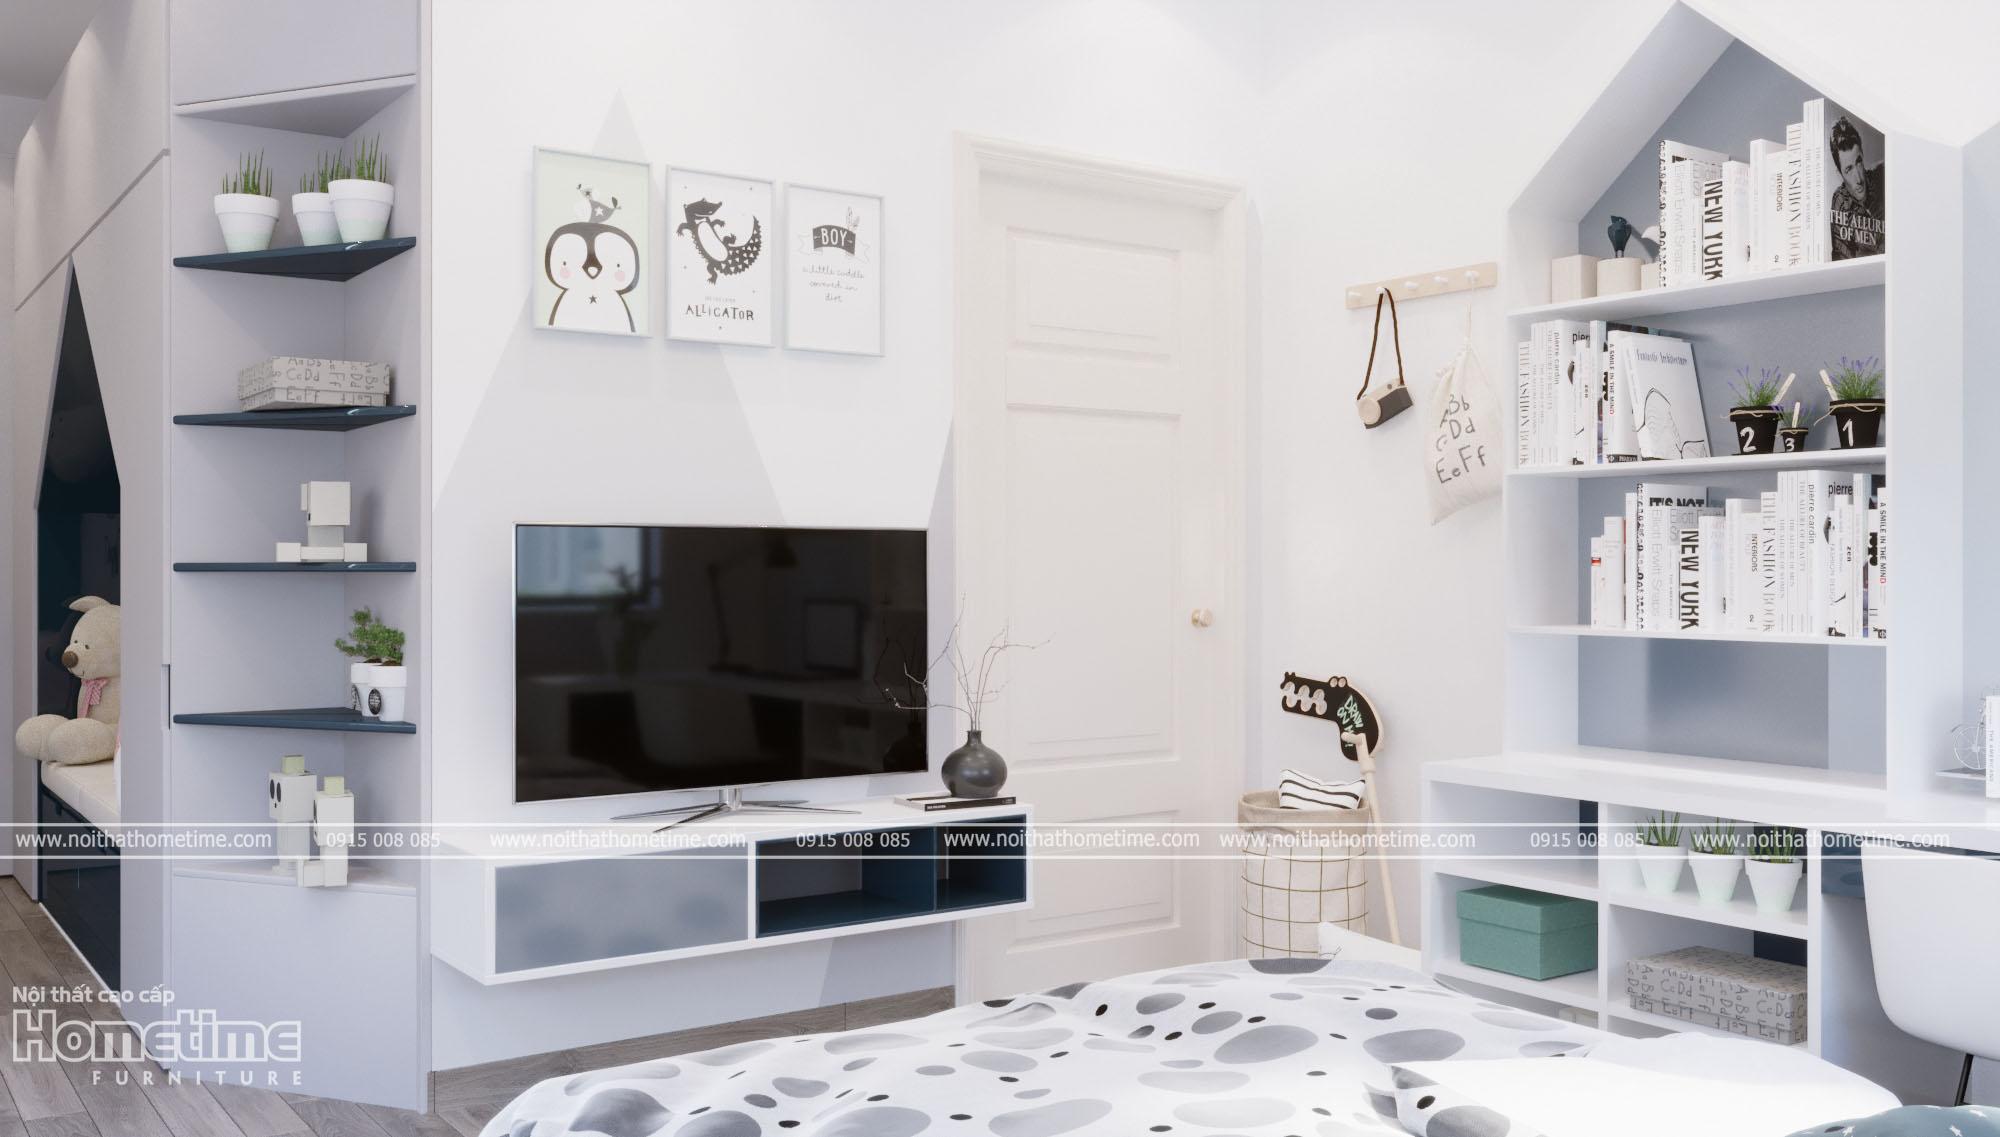 Thiết kế nội thất phòng ngủ bé trai - kệ tivi, kệ sách